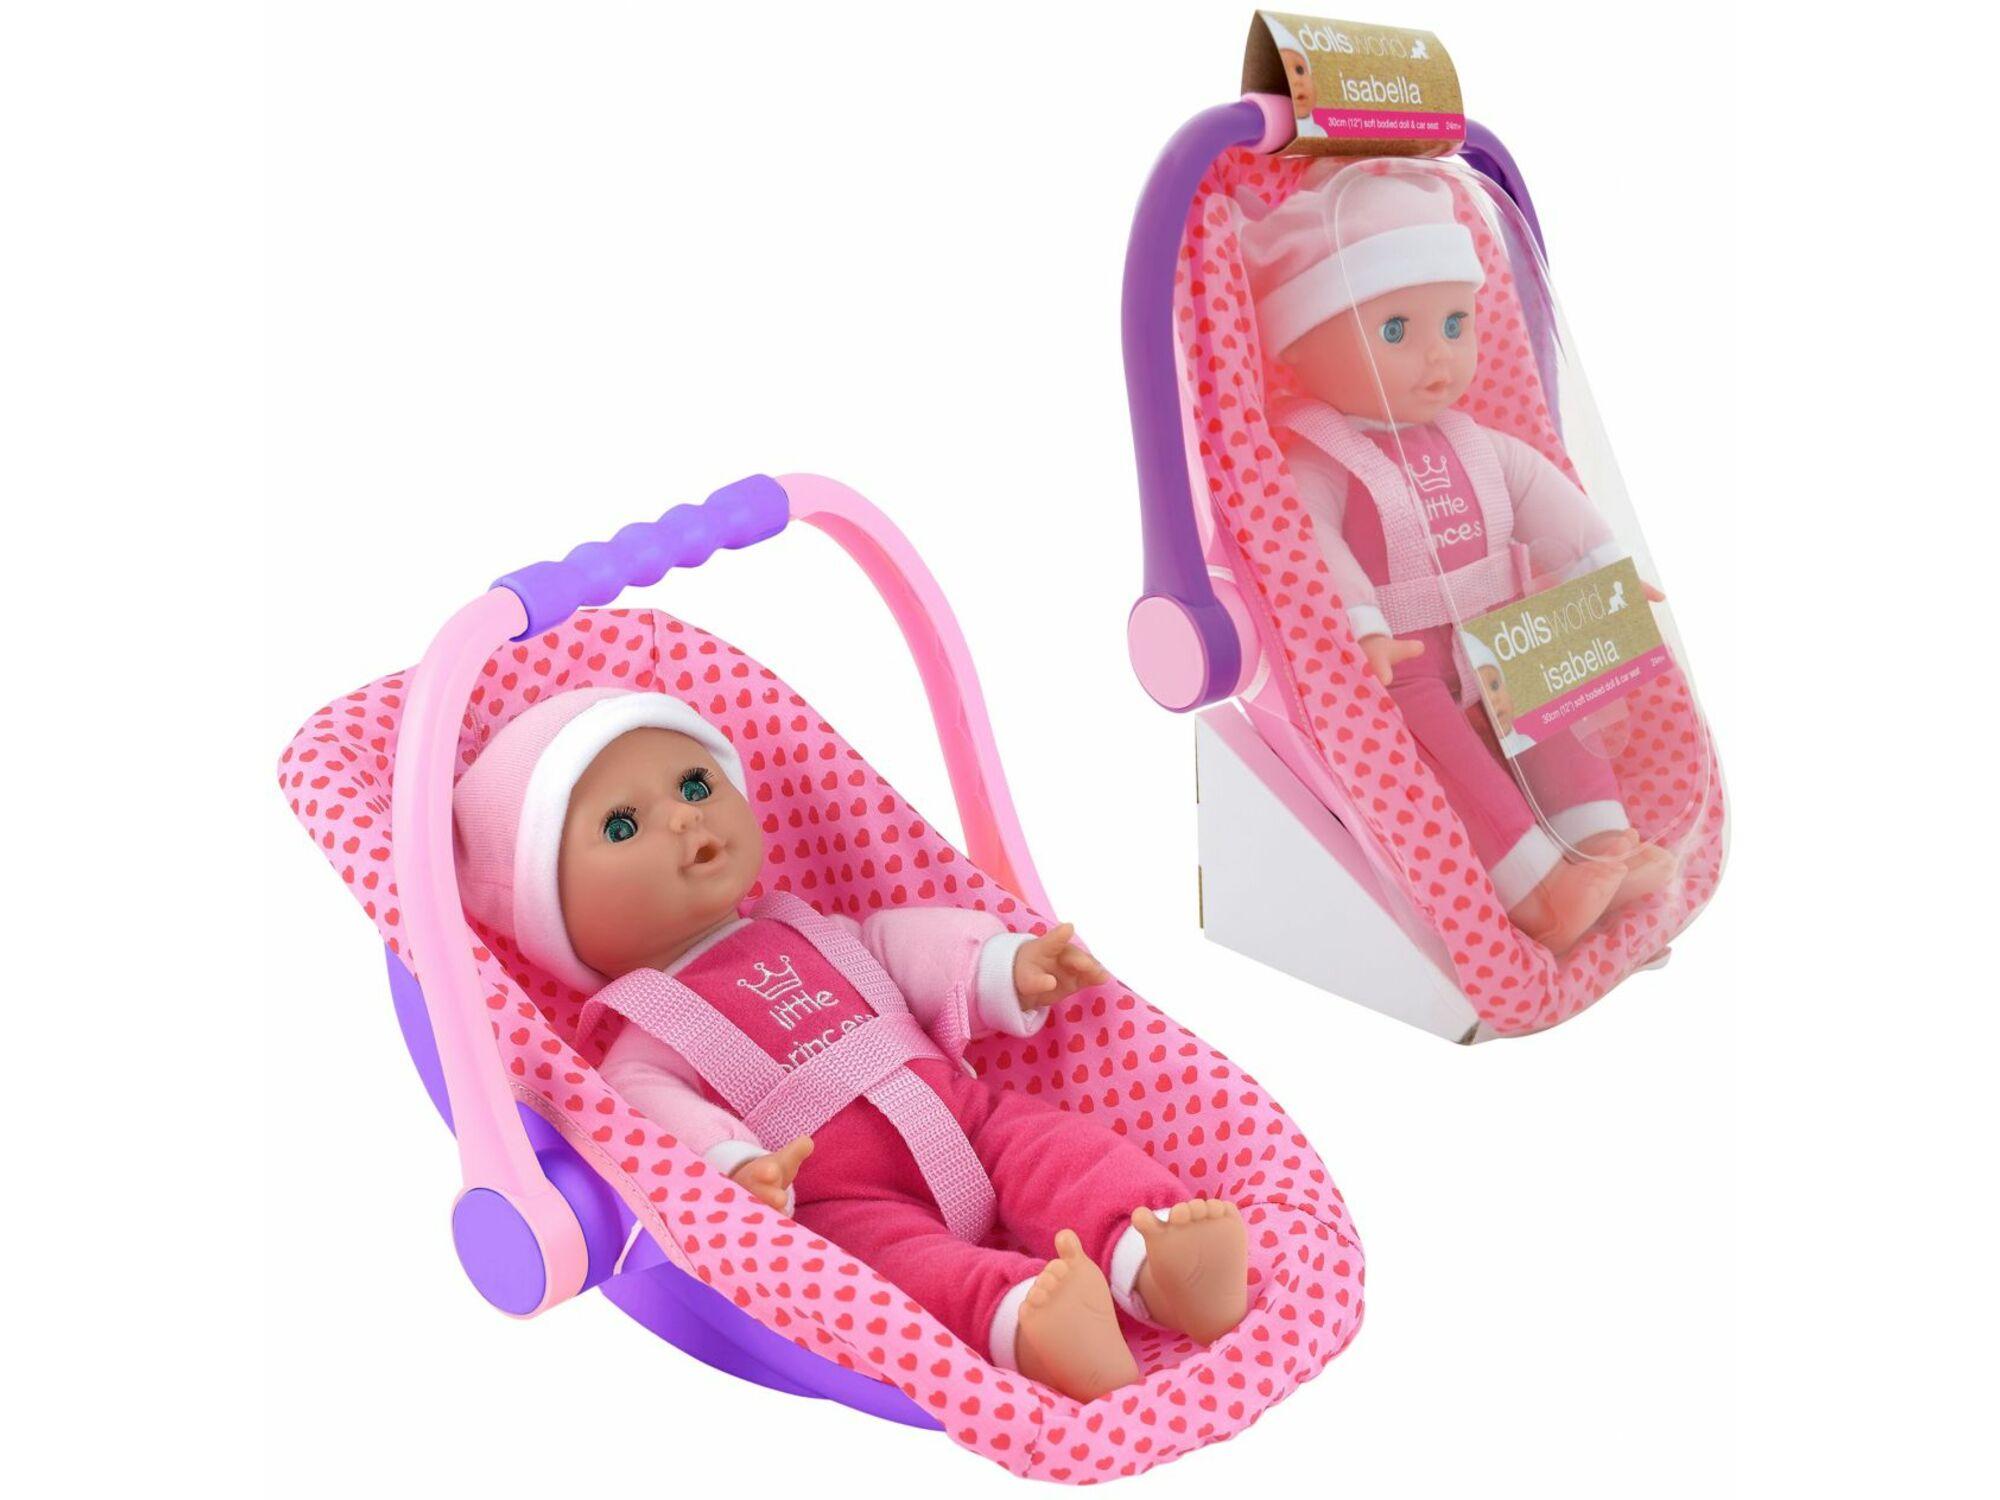 Beba Isabela 54-810000